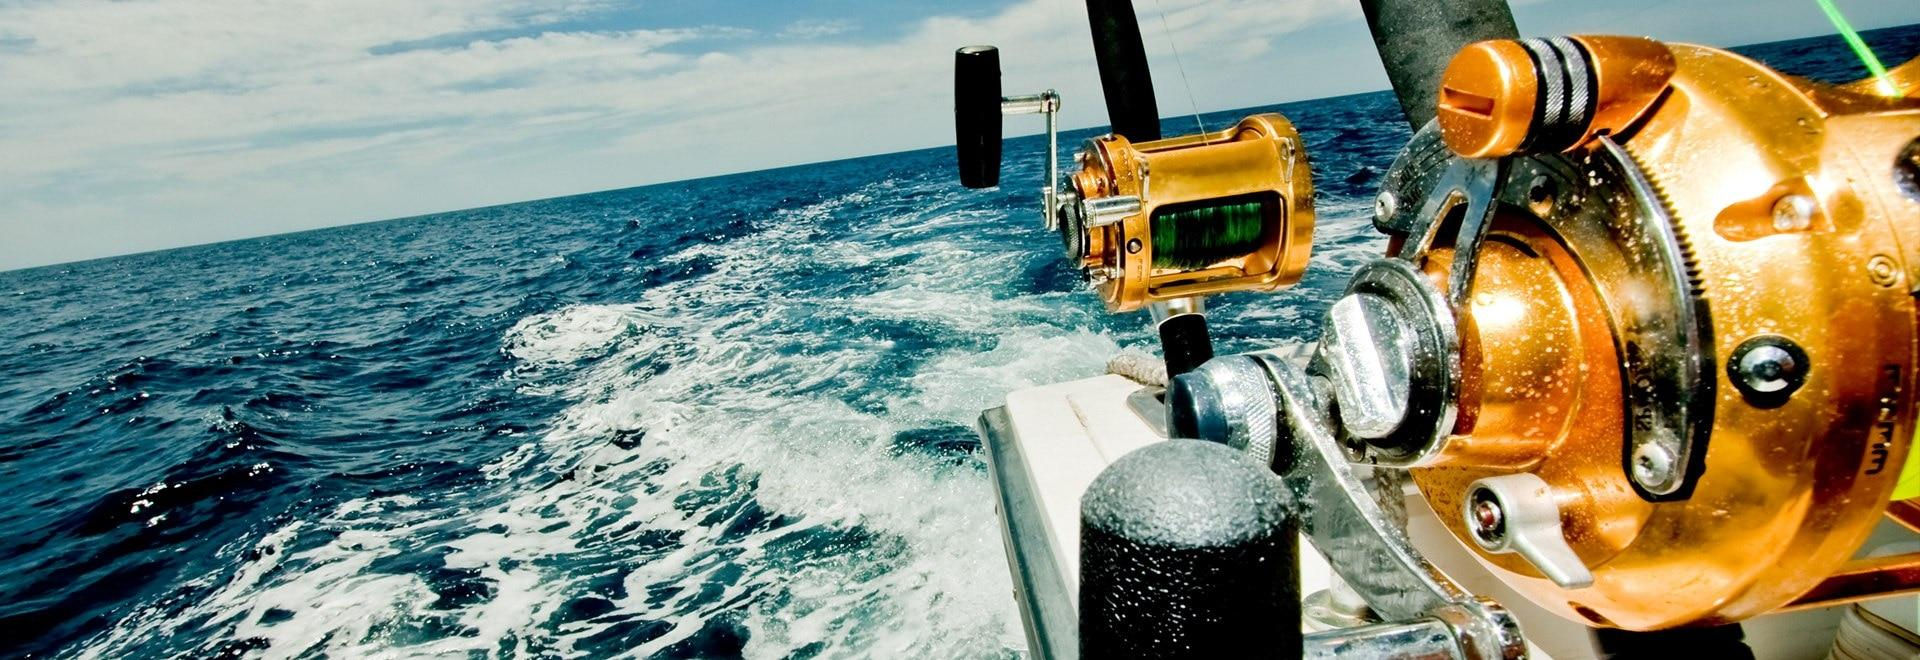 Acciaroli: aspettando il tonno